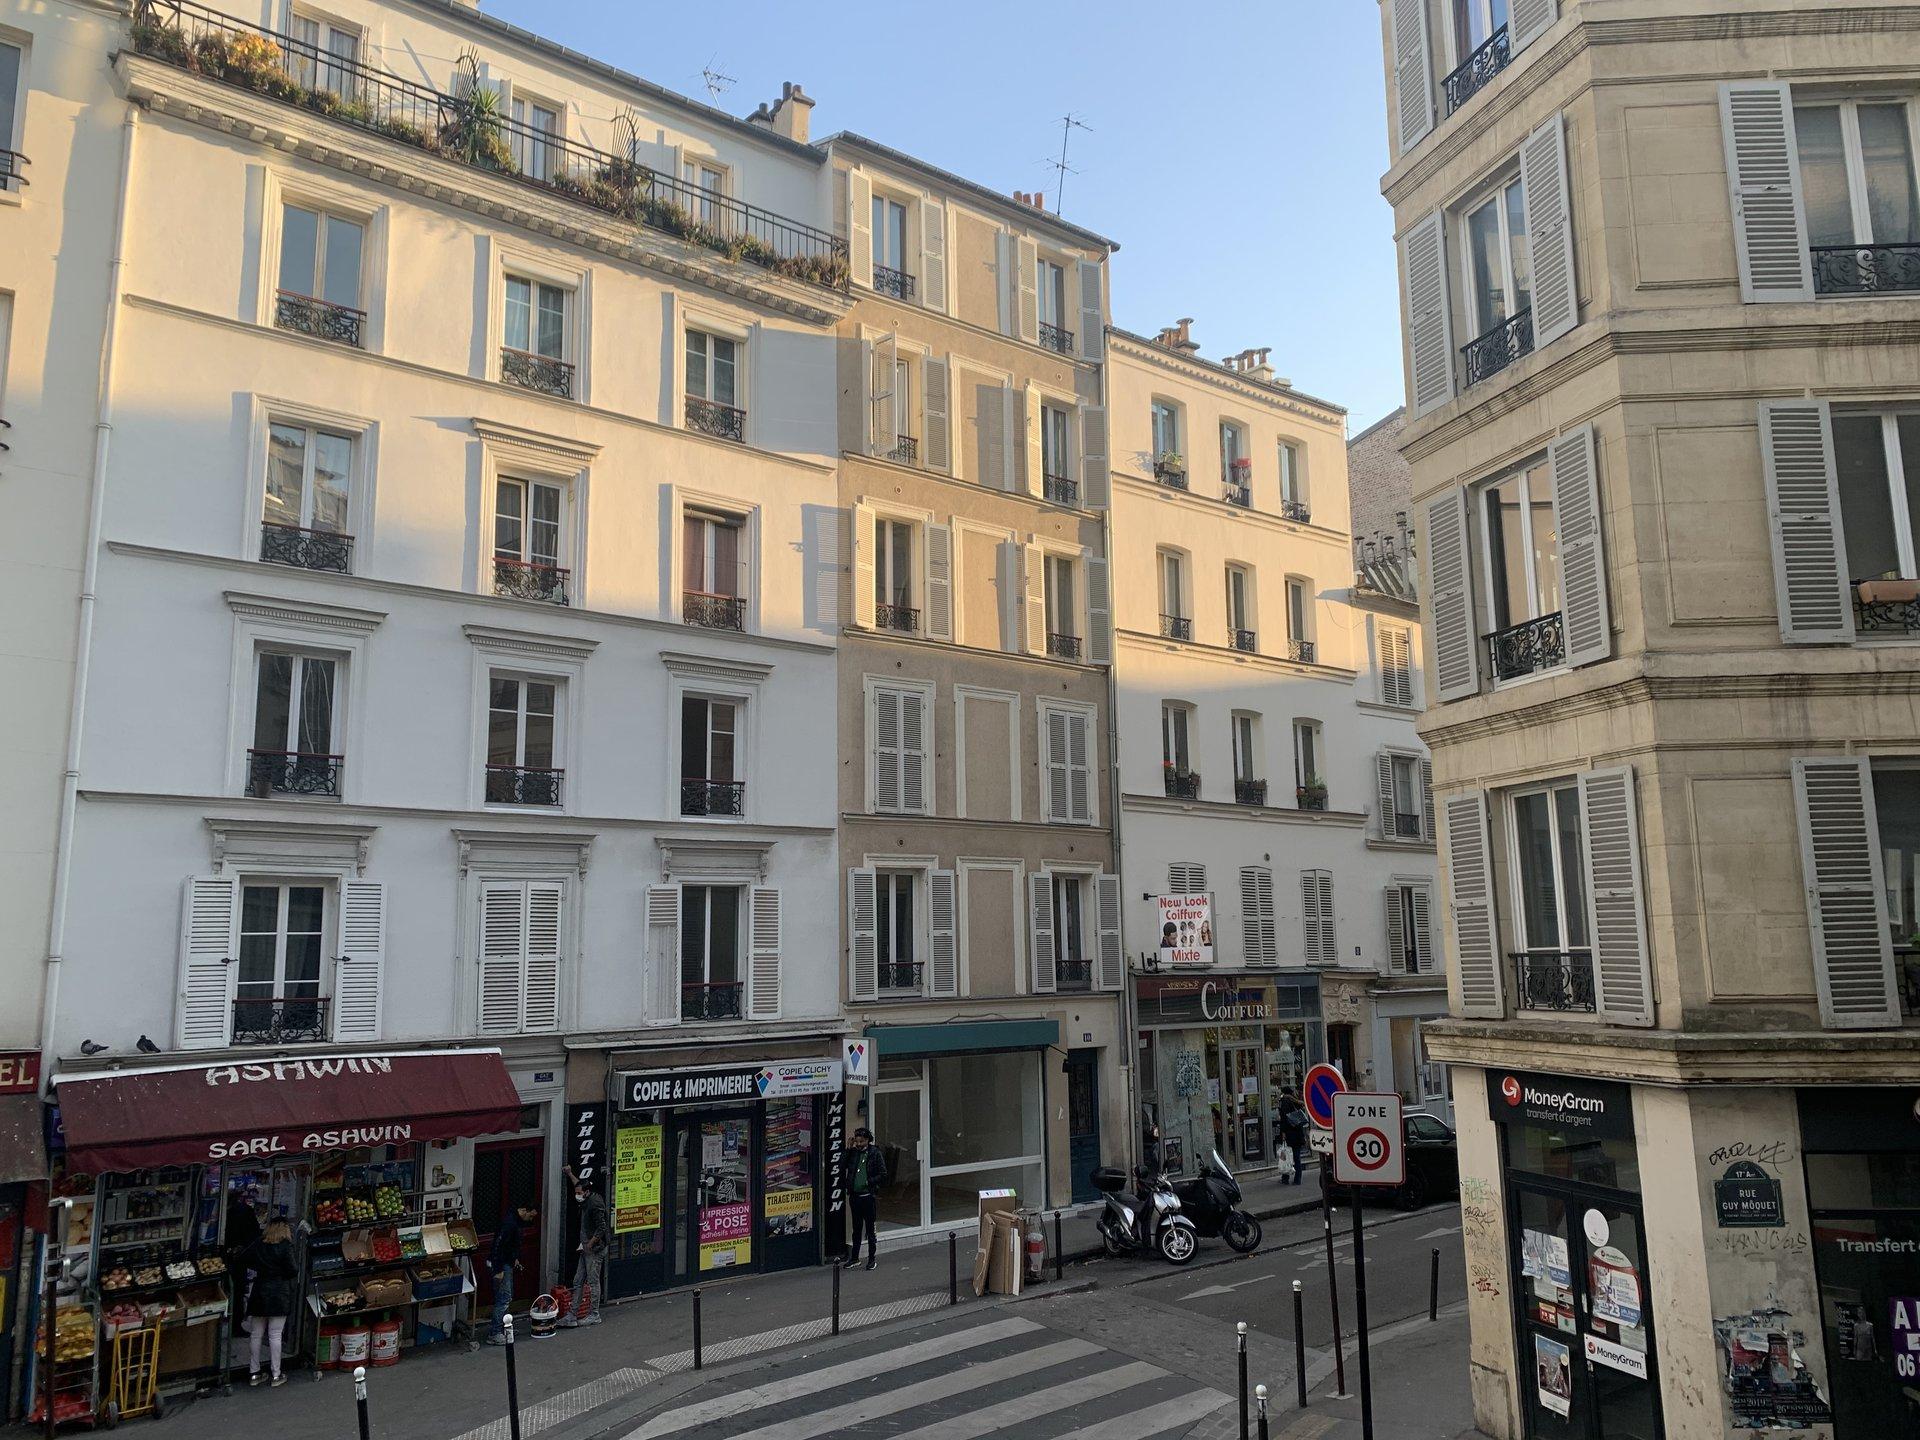 Paris - XVII ème - BATIGNOLLES - M° Brochant - 2 PIÈCES TRAVERSANT - VENDU MEUBLÉ - IMMEUBLE D'ANGLE - VUE DÉGAGÉE - SEUL SUR LE PALIER  - CALME - EXCELLENT RENDEMENT - DOUBLE AFFECTATION